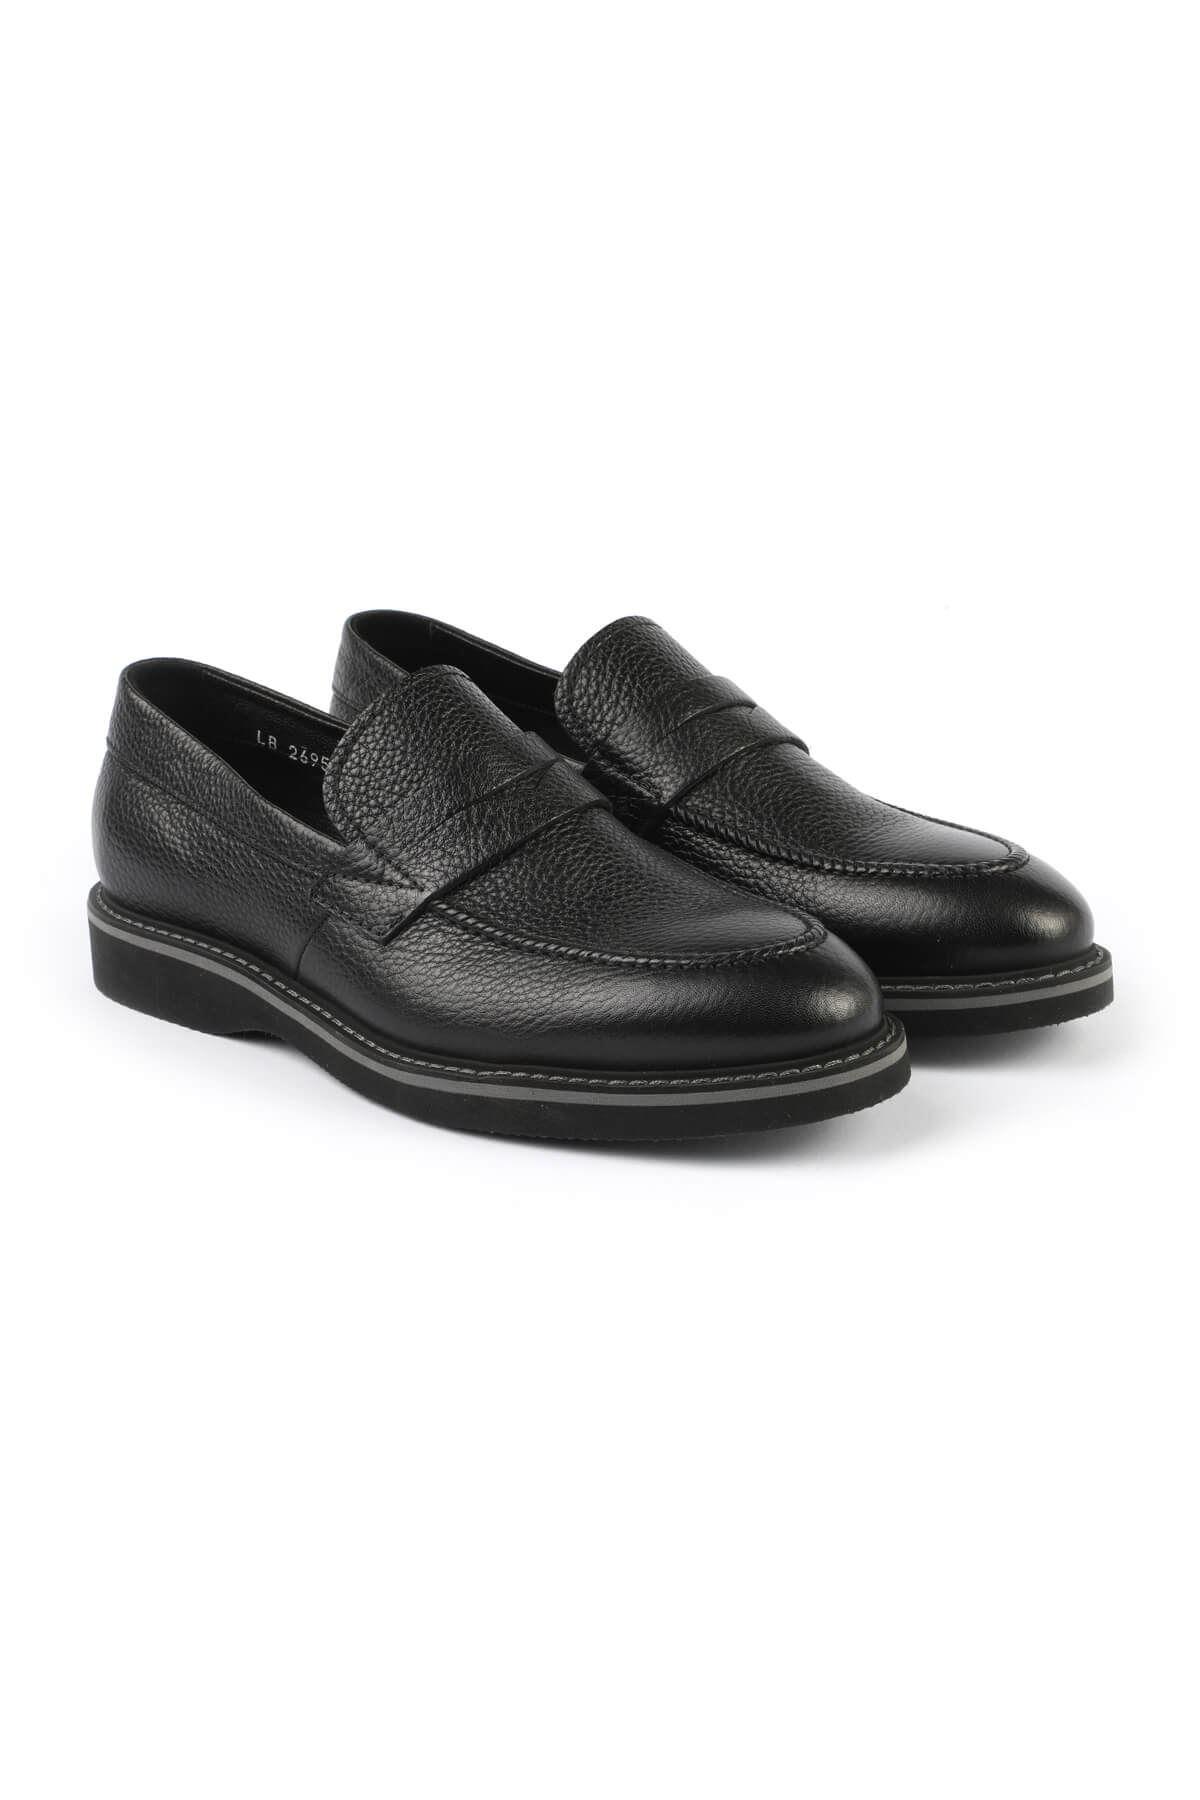 Libero 2695 Siyah Loafer Ayakkabı